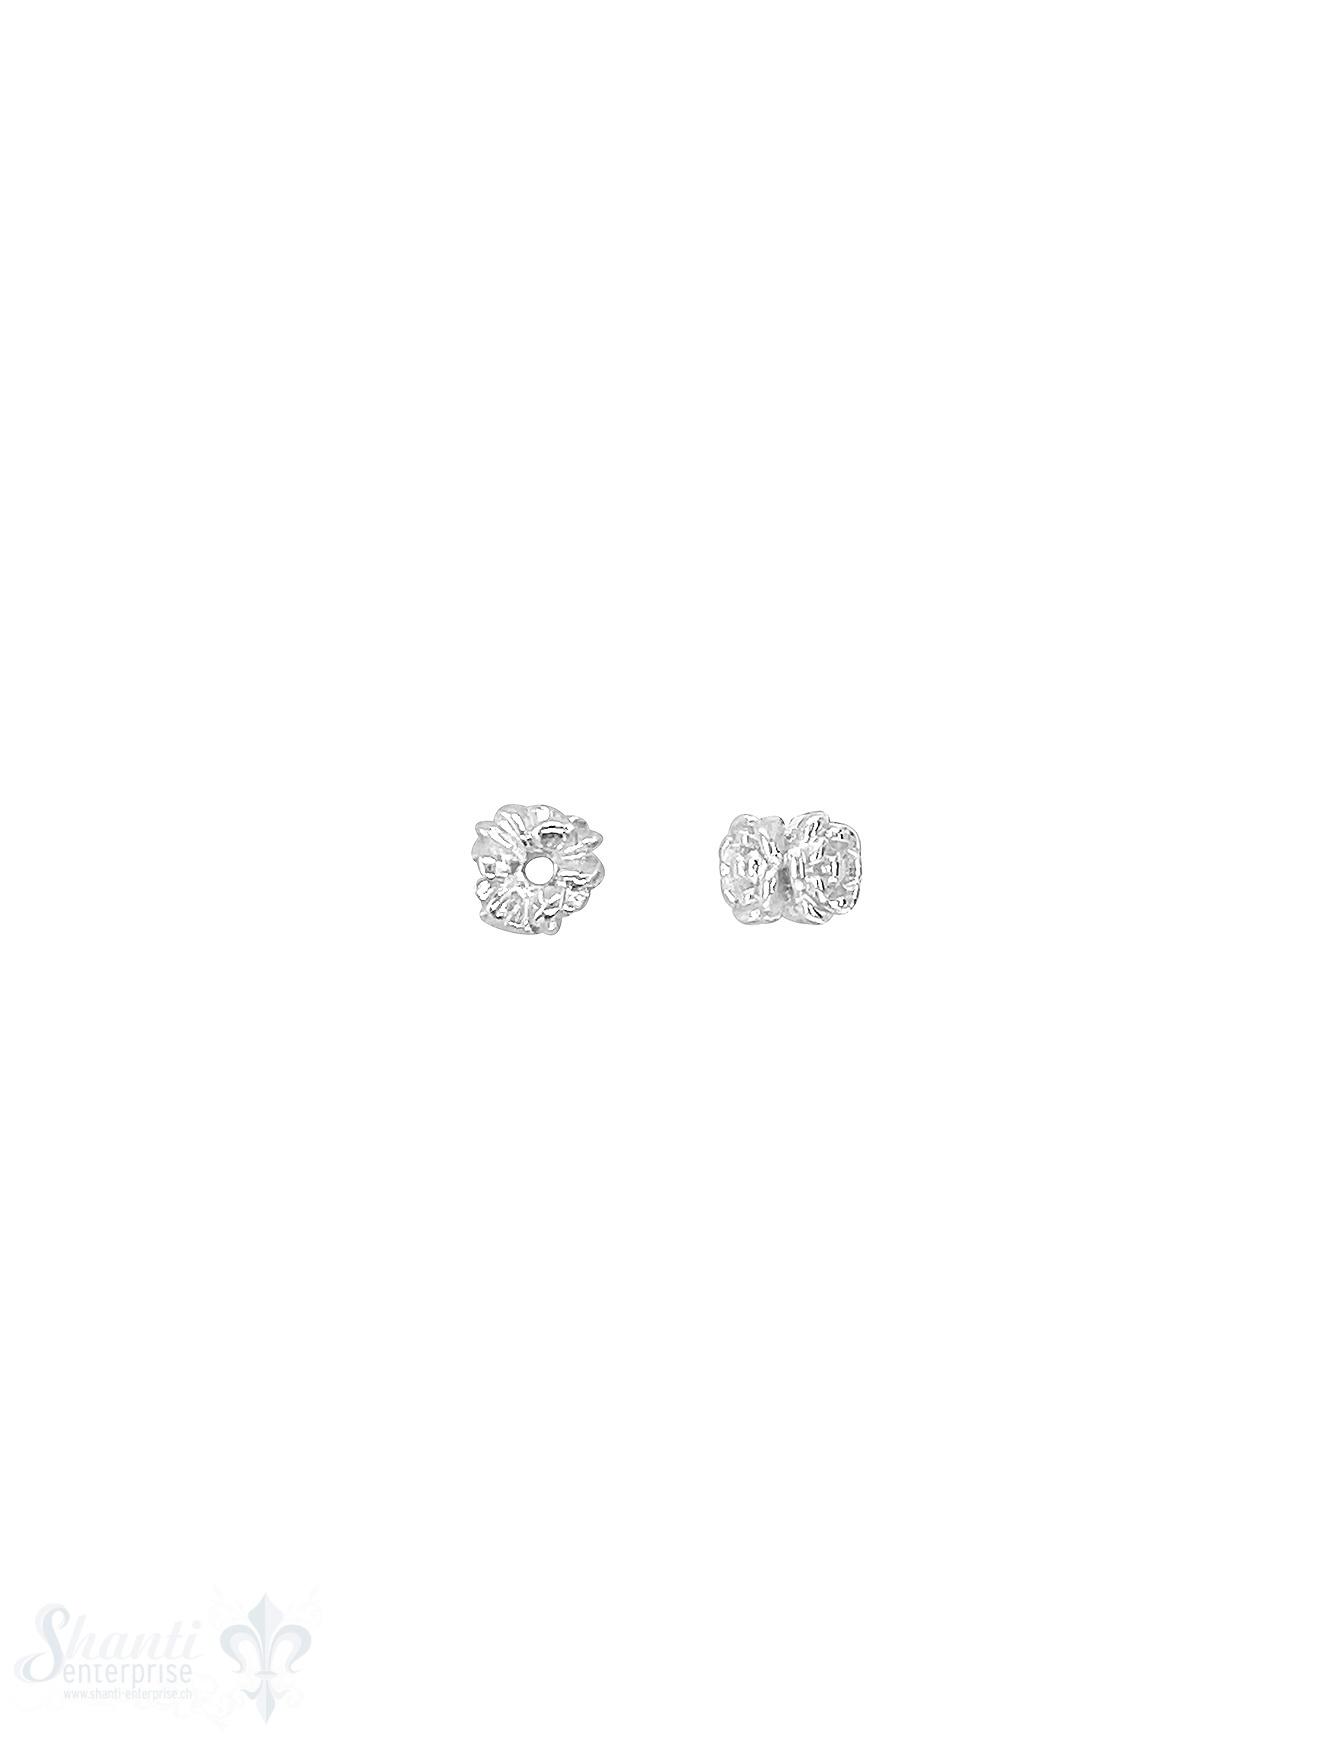 Blumen Element Rose 5,5x4 mm verziert Silber hell